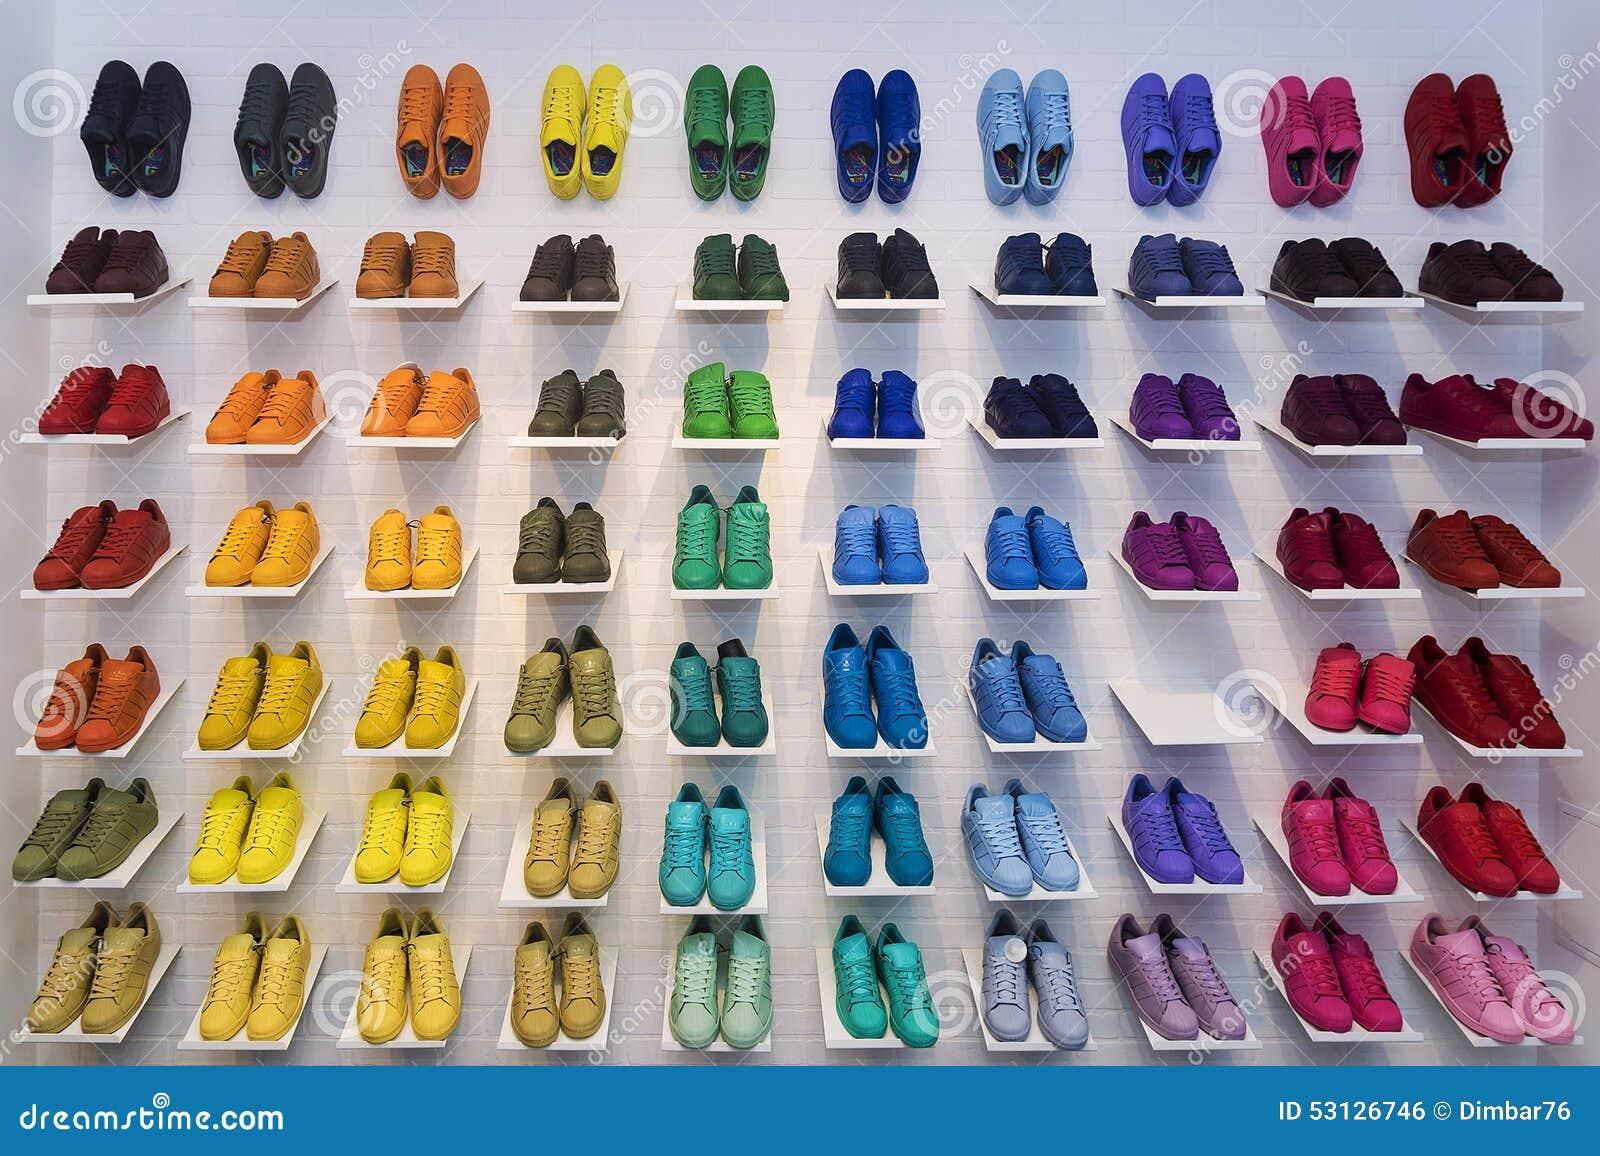 MOSKAU, RUSSLAND - 12. APRIL: Adidas-Vorlagenschuhe in einem Schuh stor